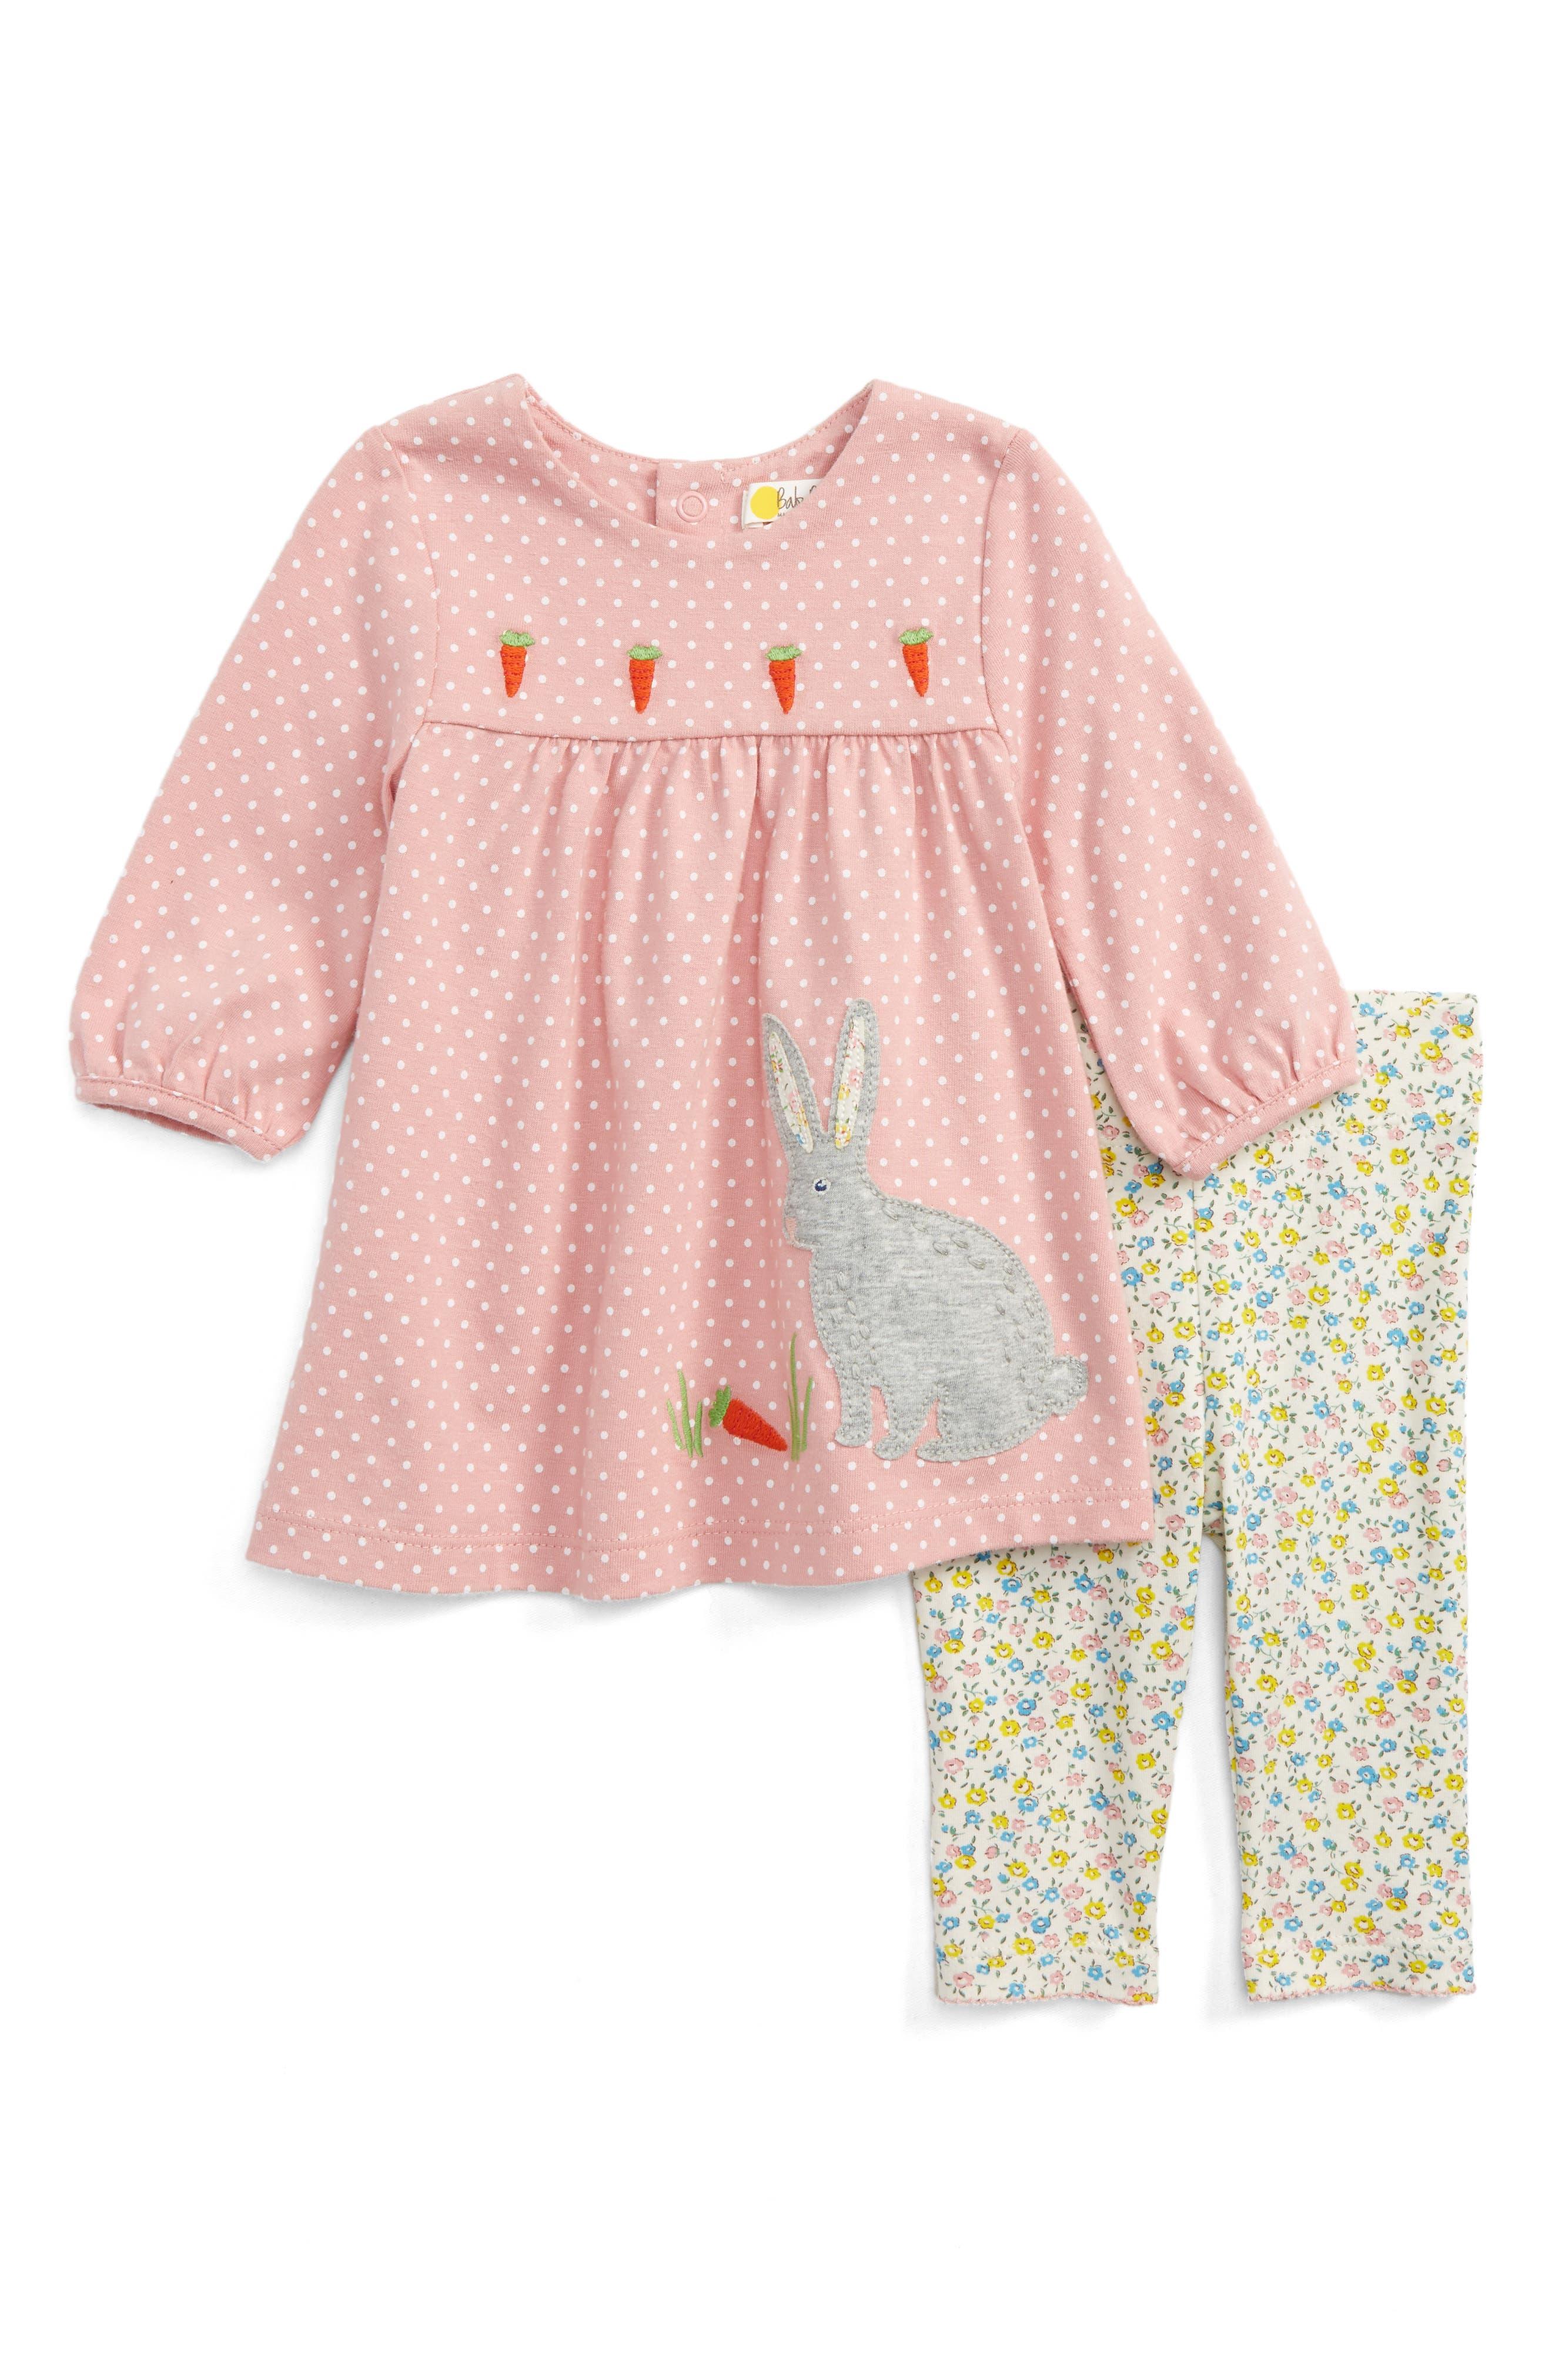 Alternate Image 1 Selected - Mini Boden Appliqué Dress & Leggings Set (Baby Girls & Toddler Girls)